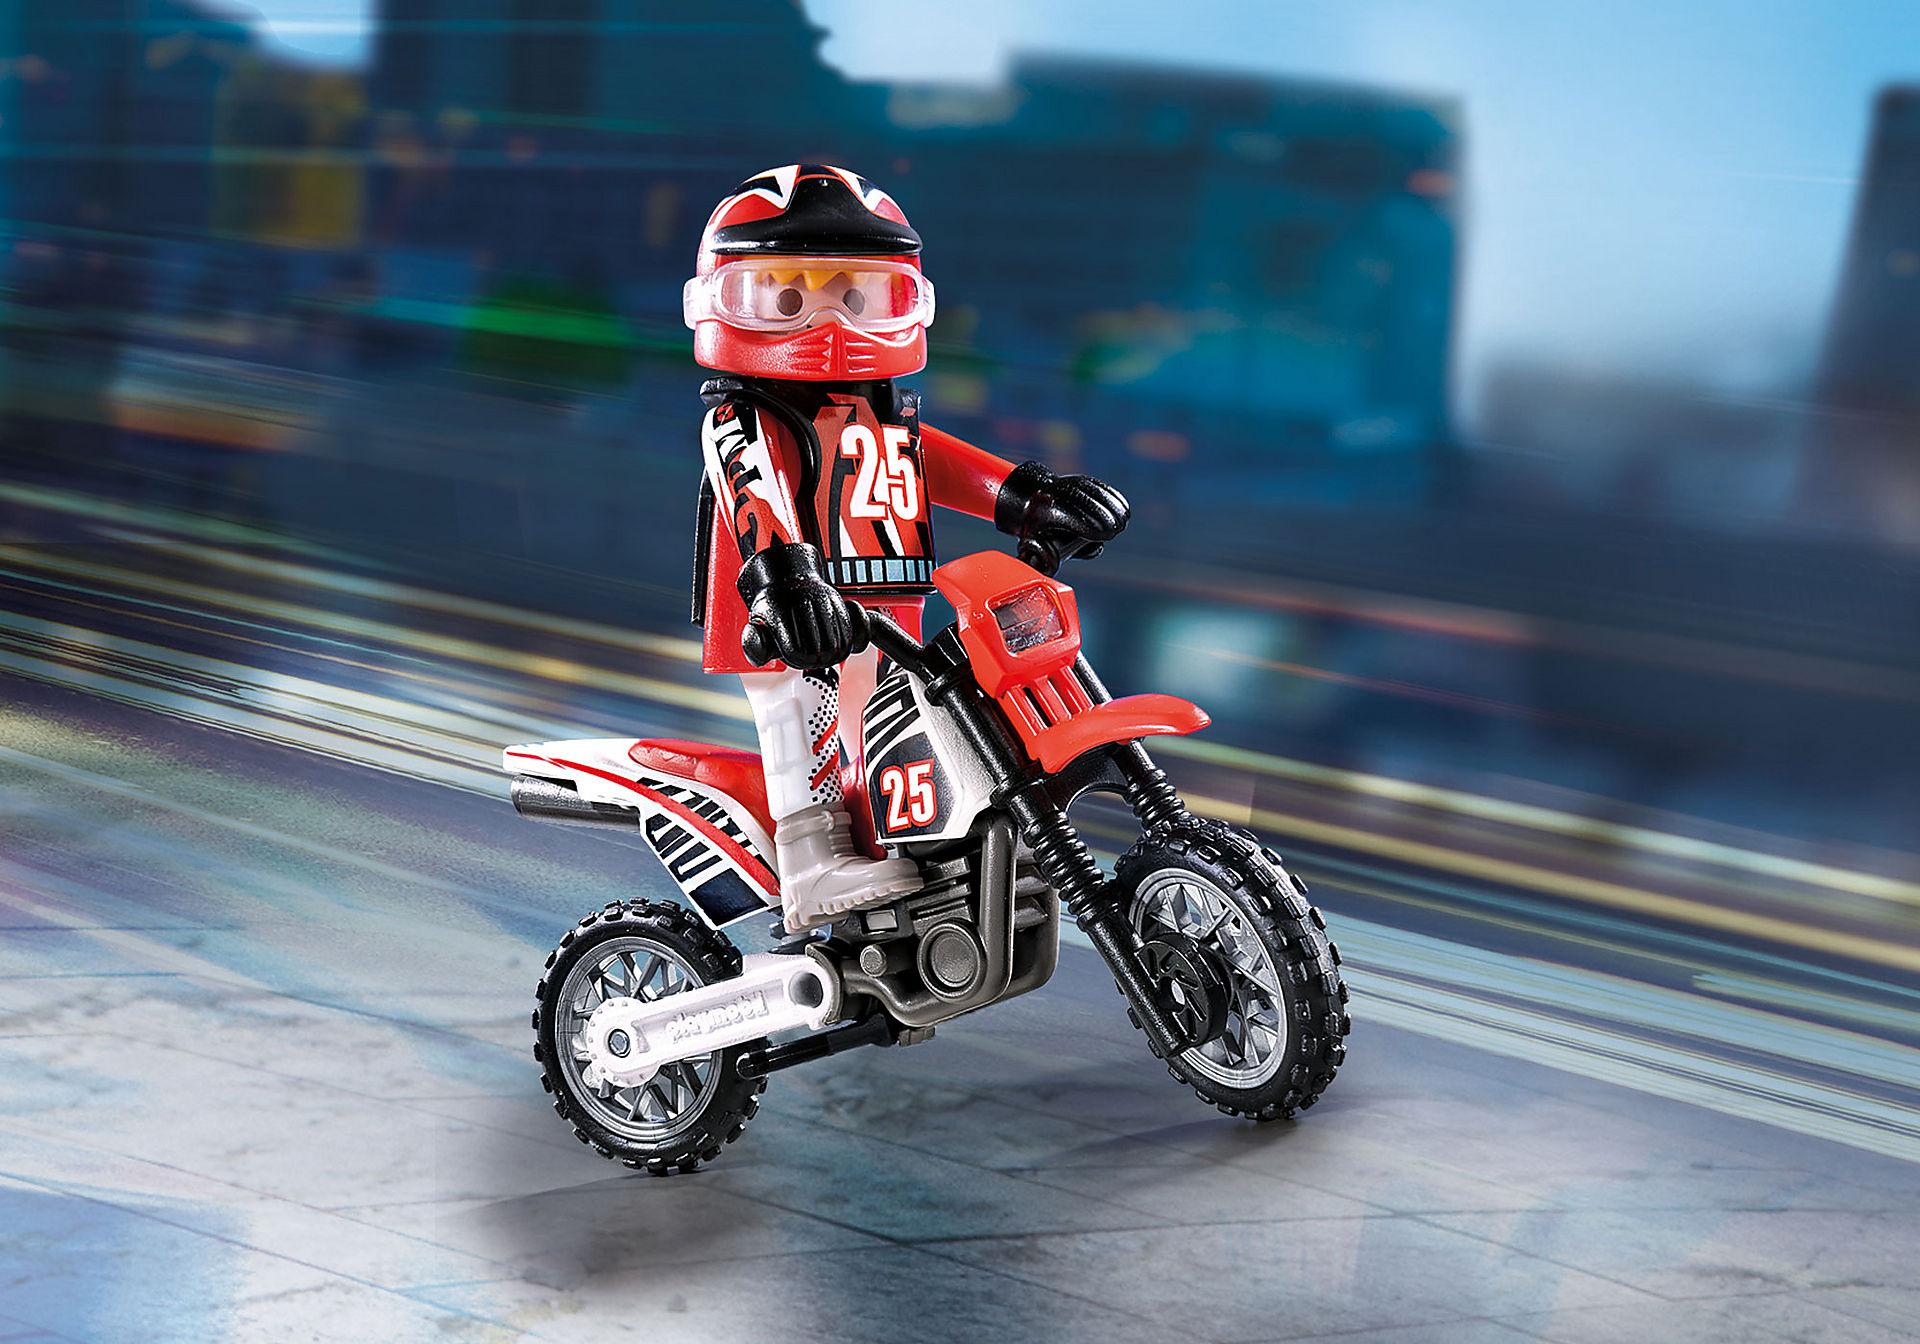 9357 Motocross-Fahrer zoom image1